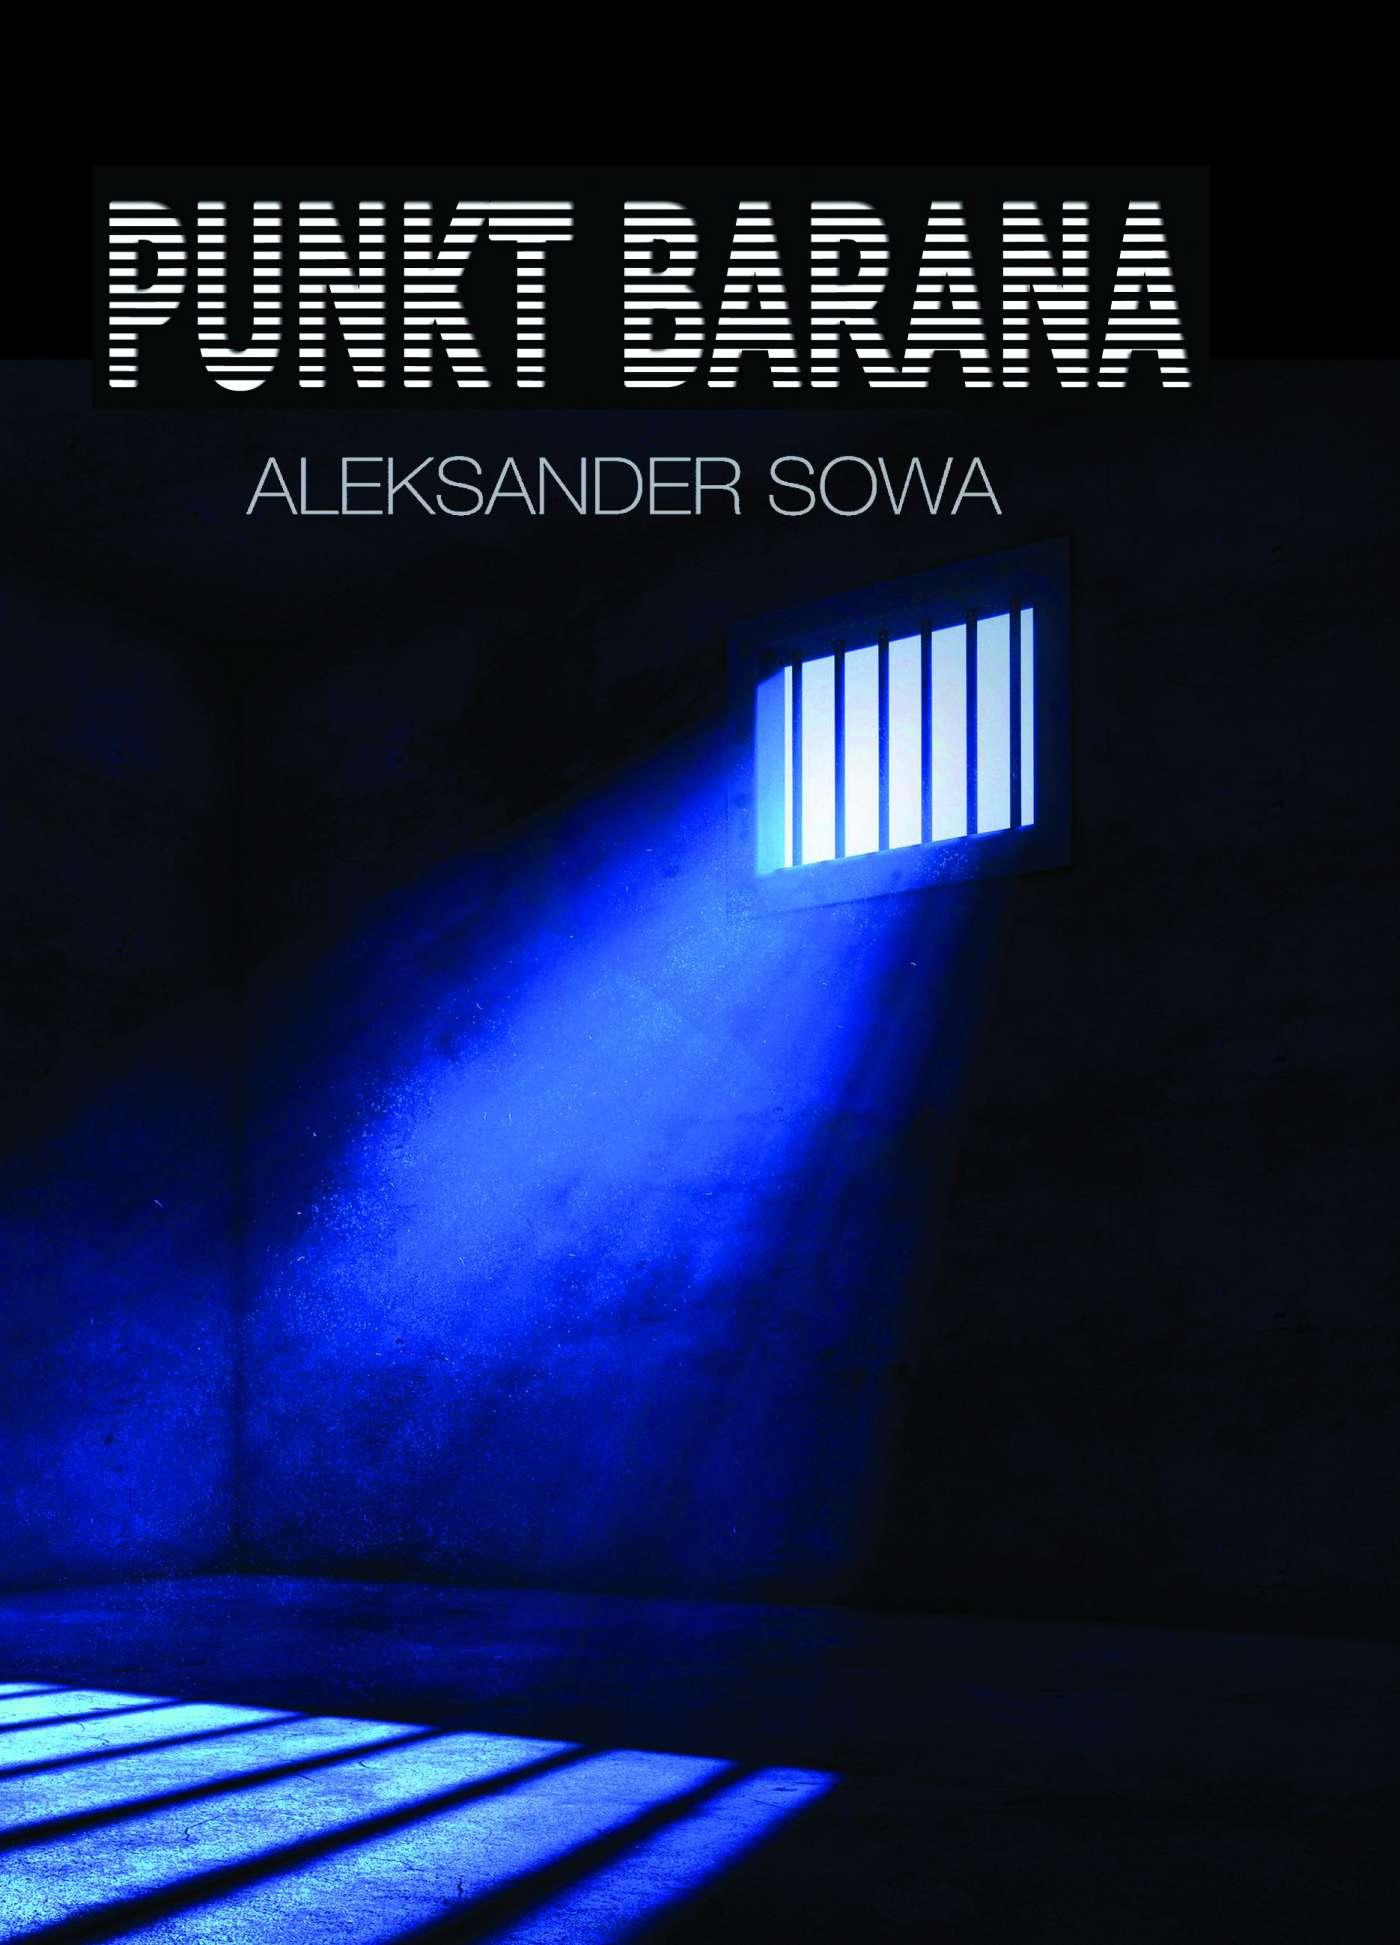 Punkt barana - Tylko w Legimi możesz przeczytać ten tytuł przez 7 dni za darmo. - Aleksander Sowa